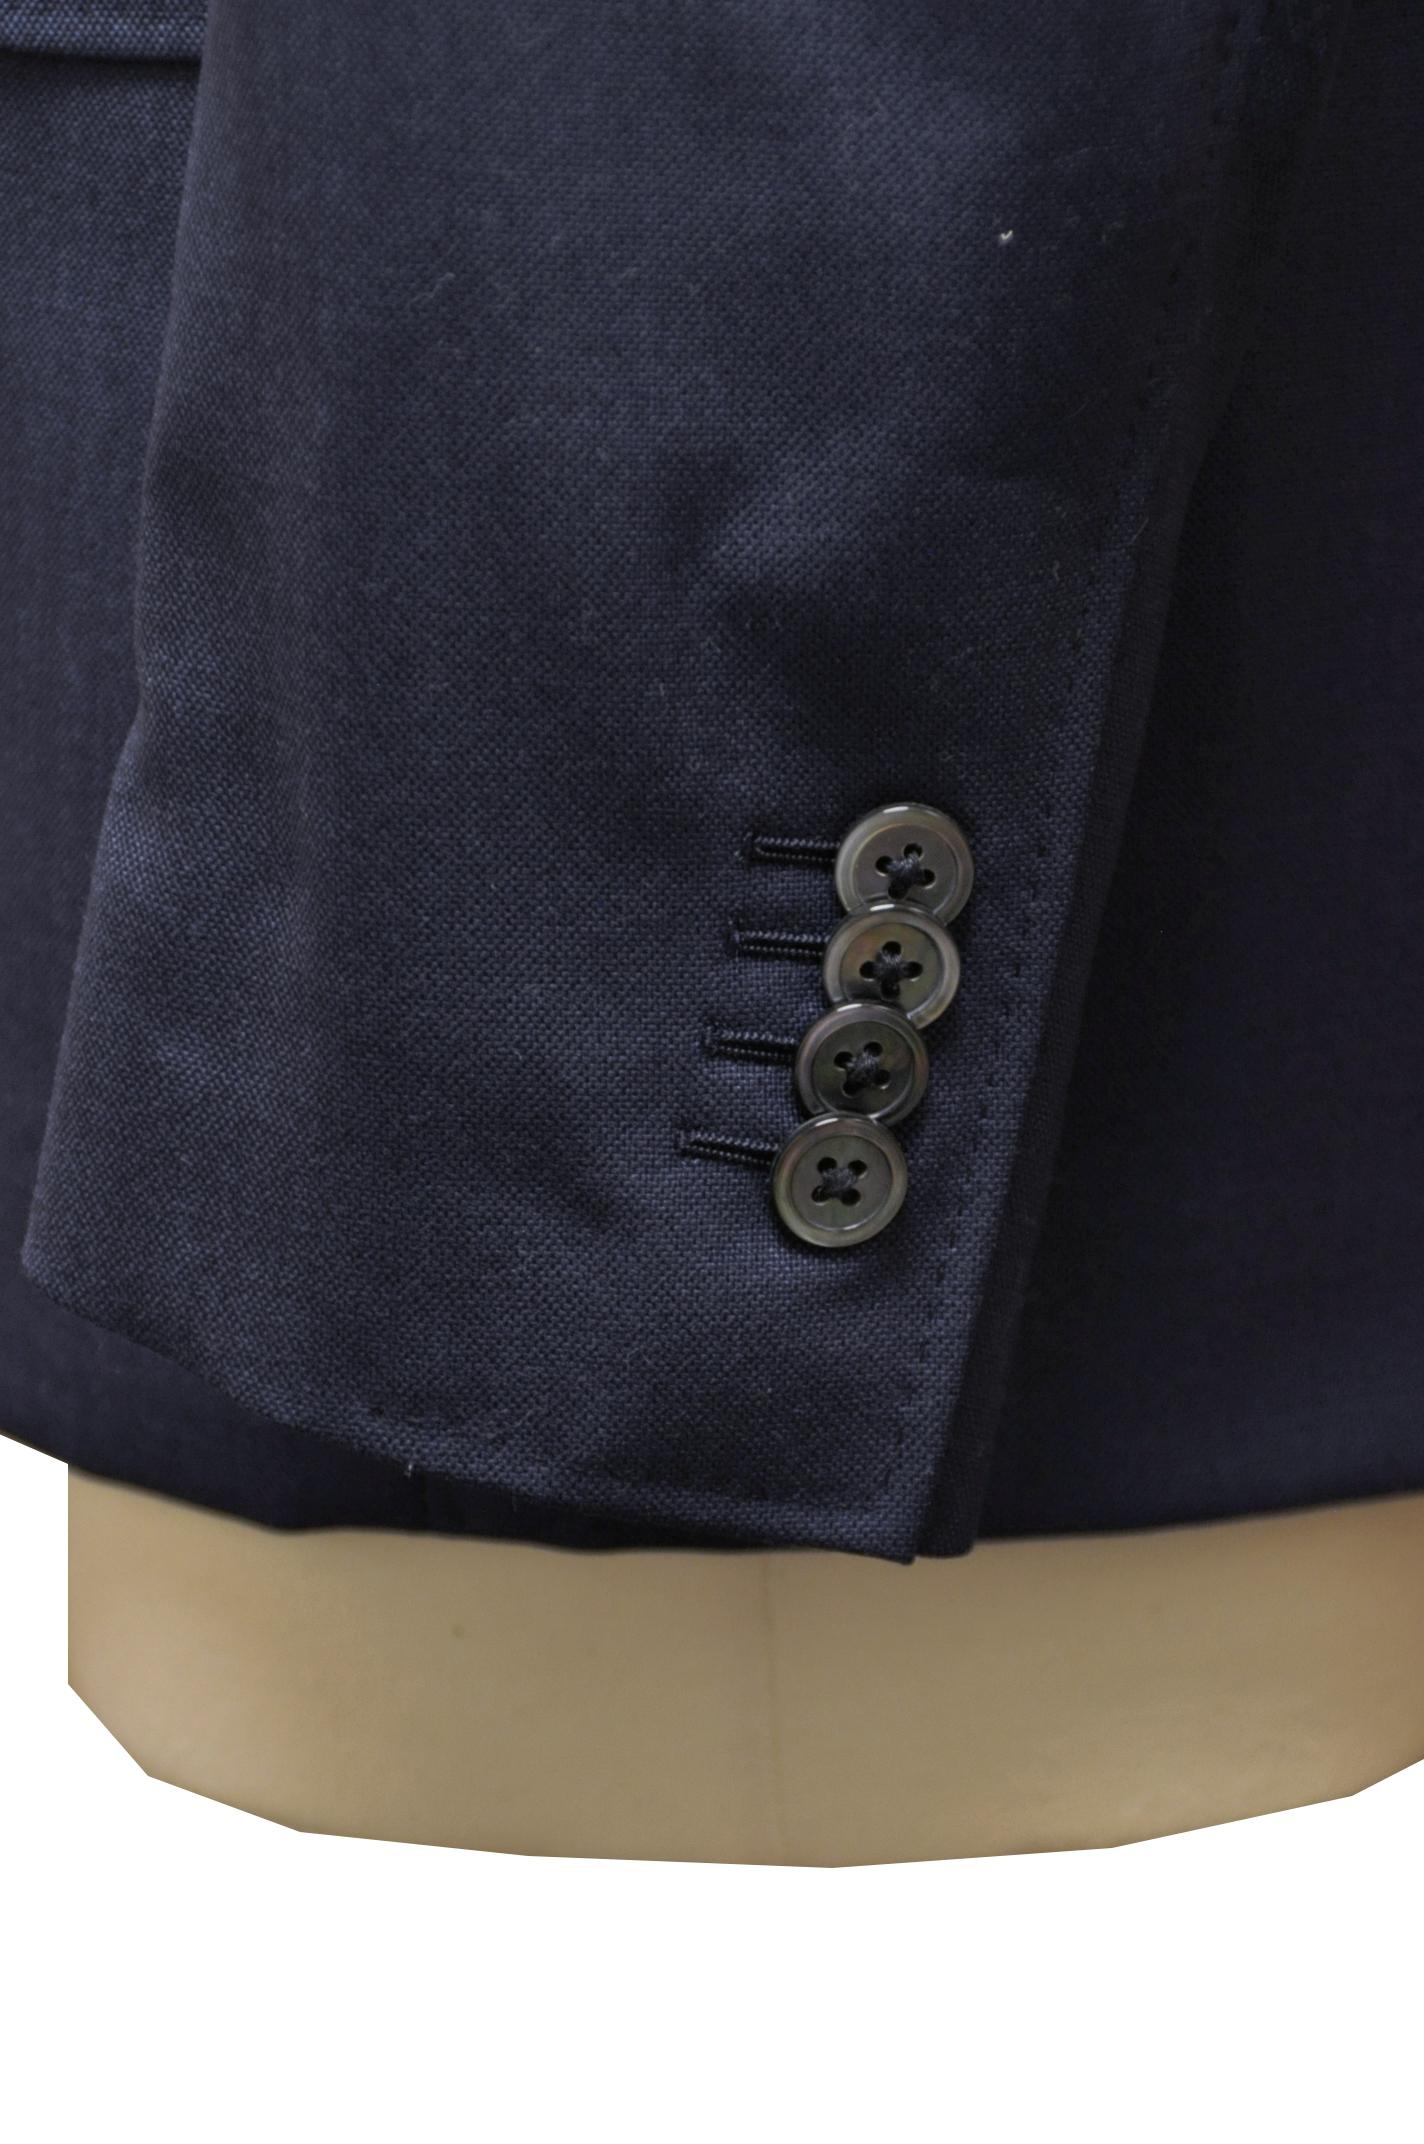 TG 袖ボタン 名古屋の完全予約制オーダースーツ専門店DEFFERT